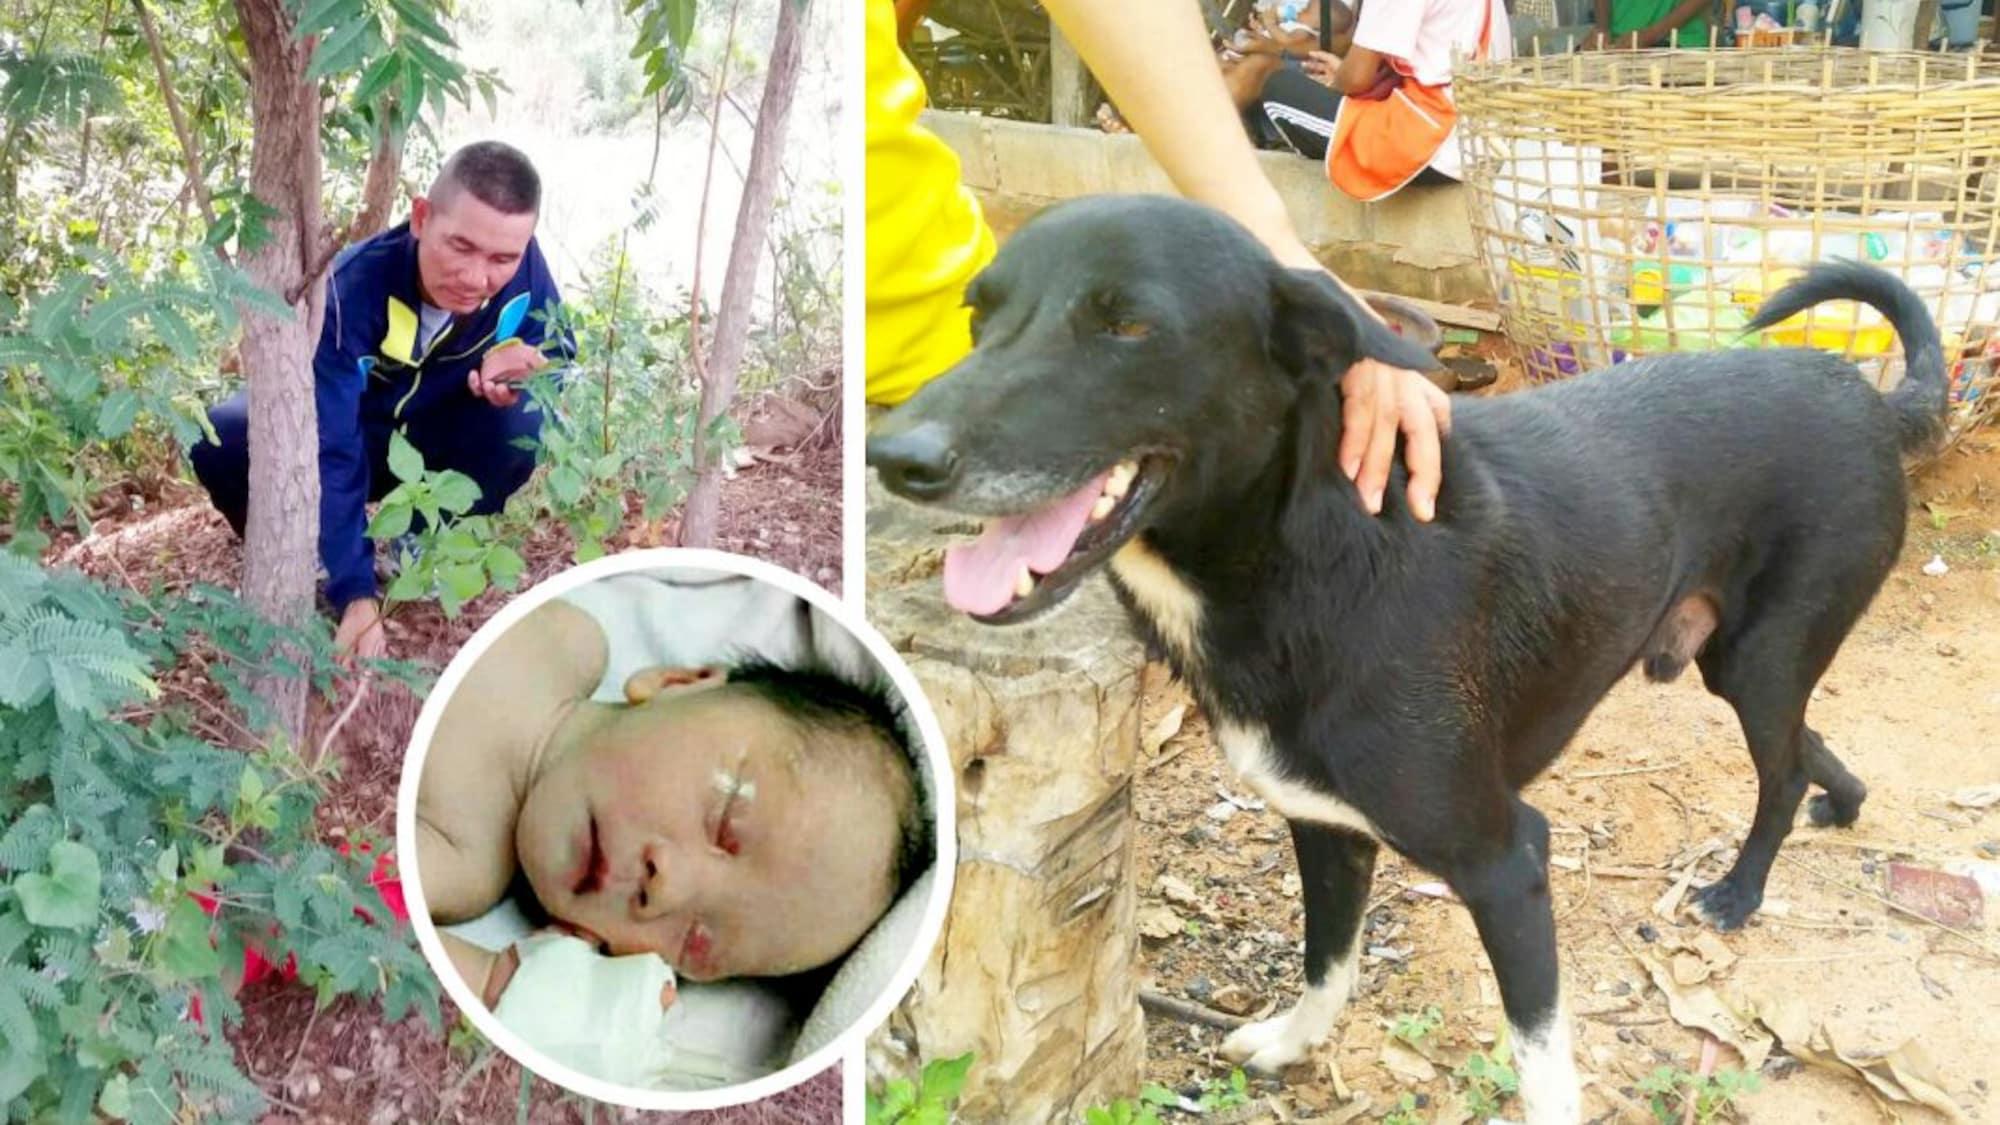 Dreibeiniger Held in Thailand: Behinderter Hund rettet vergrabenes Baby